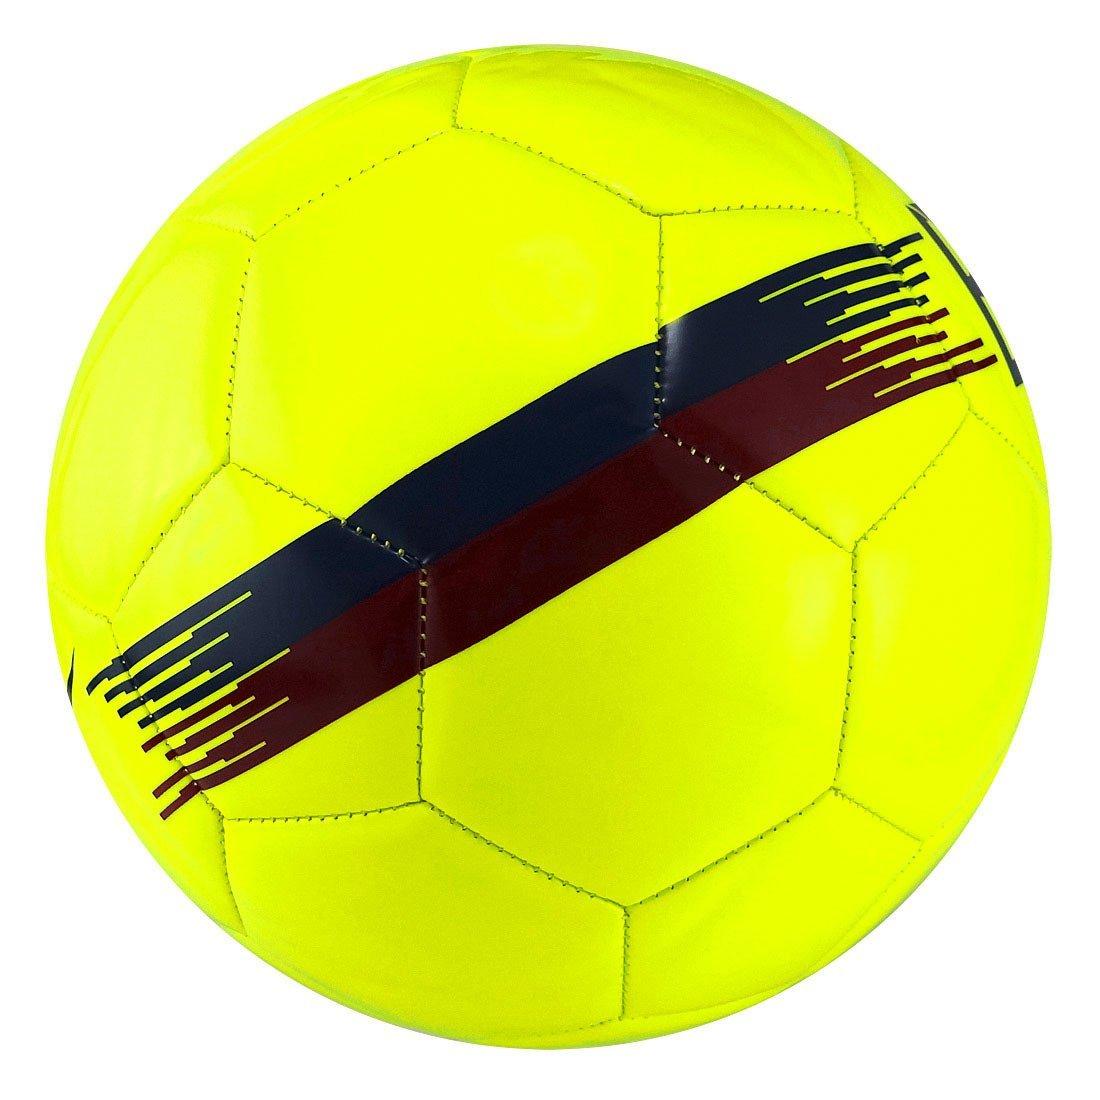 bb28aa292 ... Piłka nożna Nike FC Barcelona SC3291-702 r4 Kliknij, aby powiększyć ...